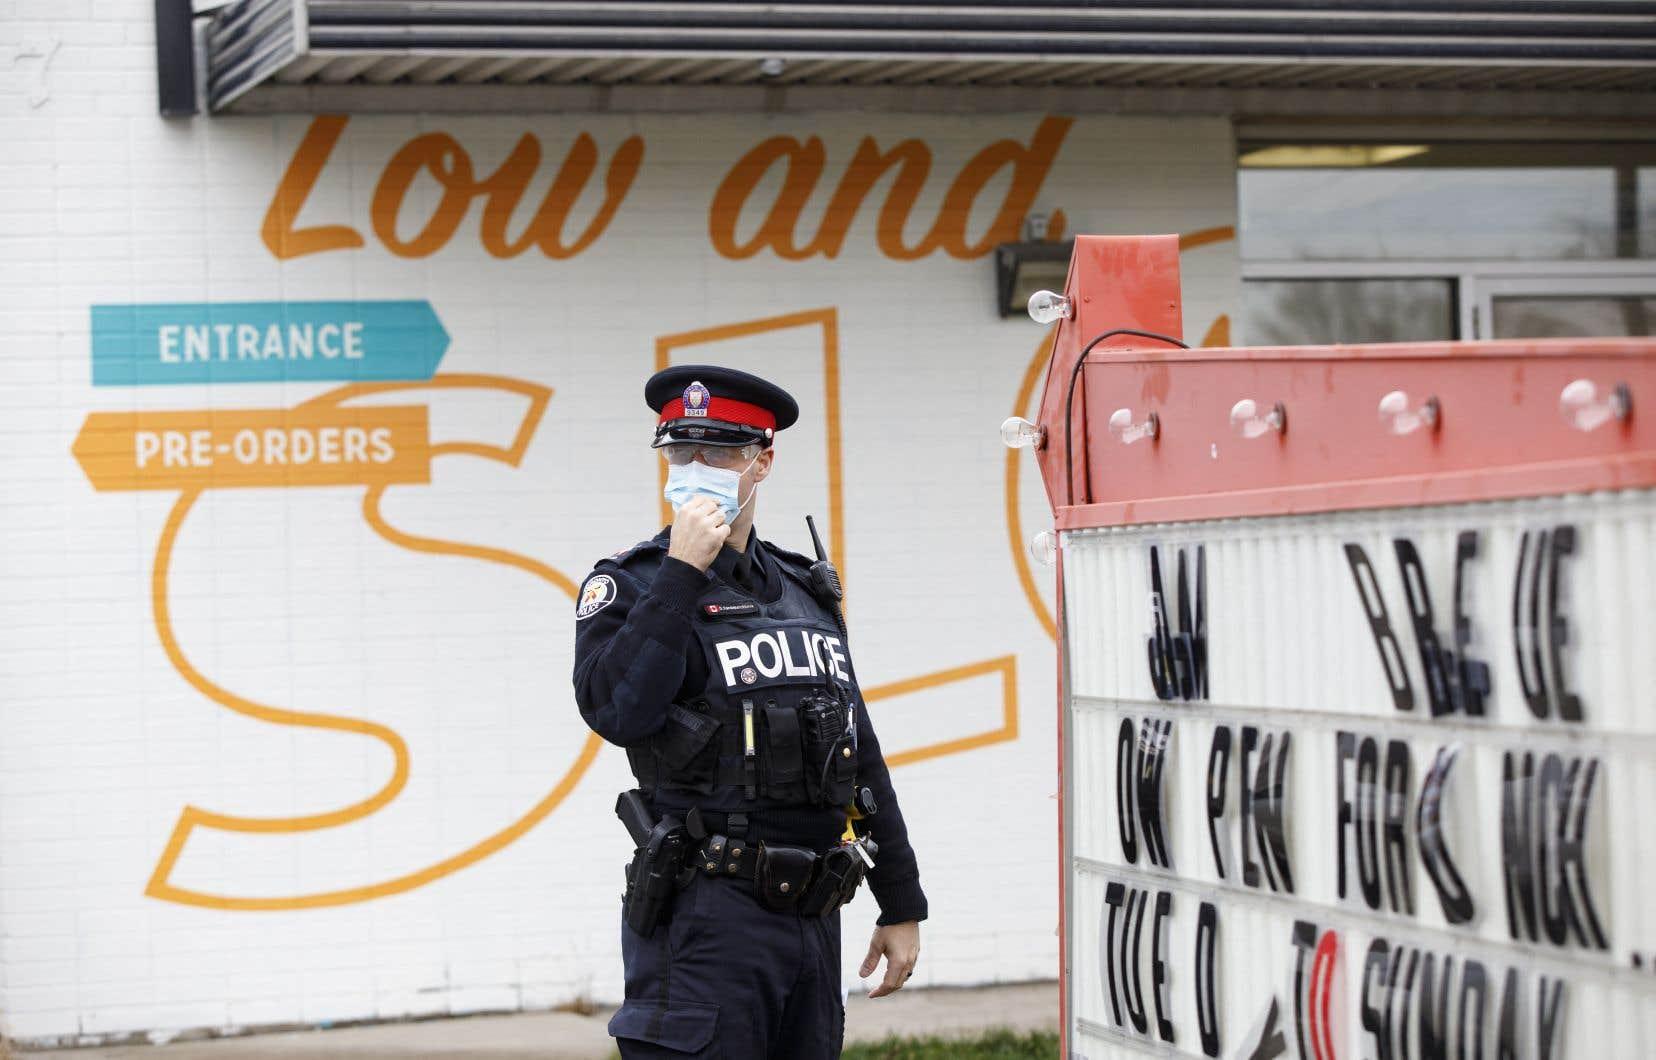 <p>Les policiers n'auront pas le droit d'arrêter les piétons ou les conducteurs pour leur demander pourquoi ils sont à l'extérieur ou encore pour leur demander leur adresse.</p>